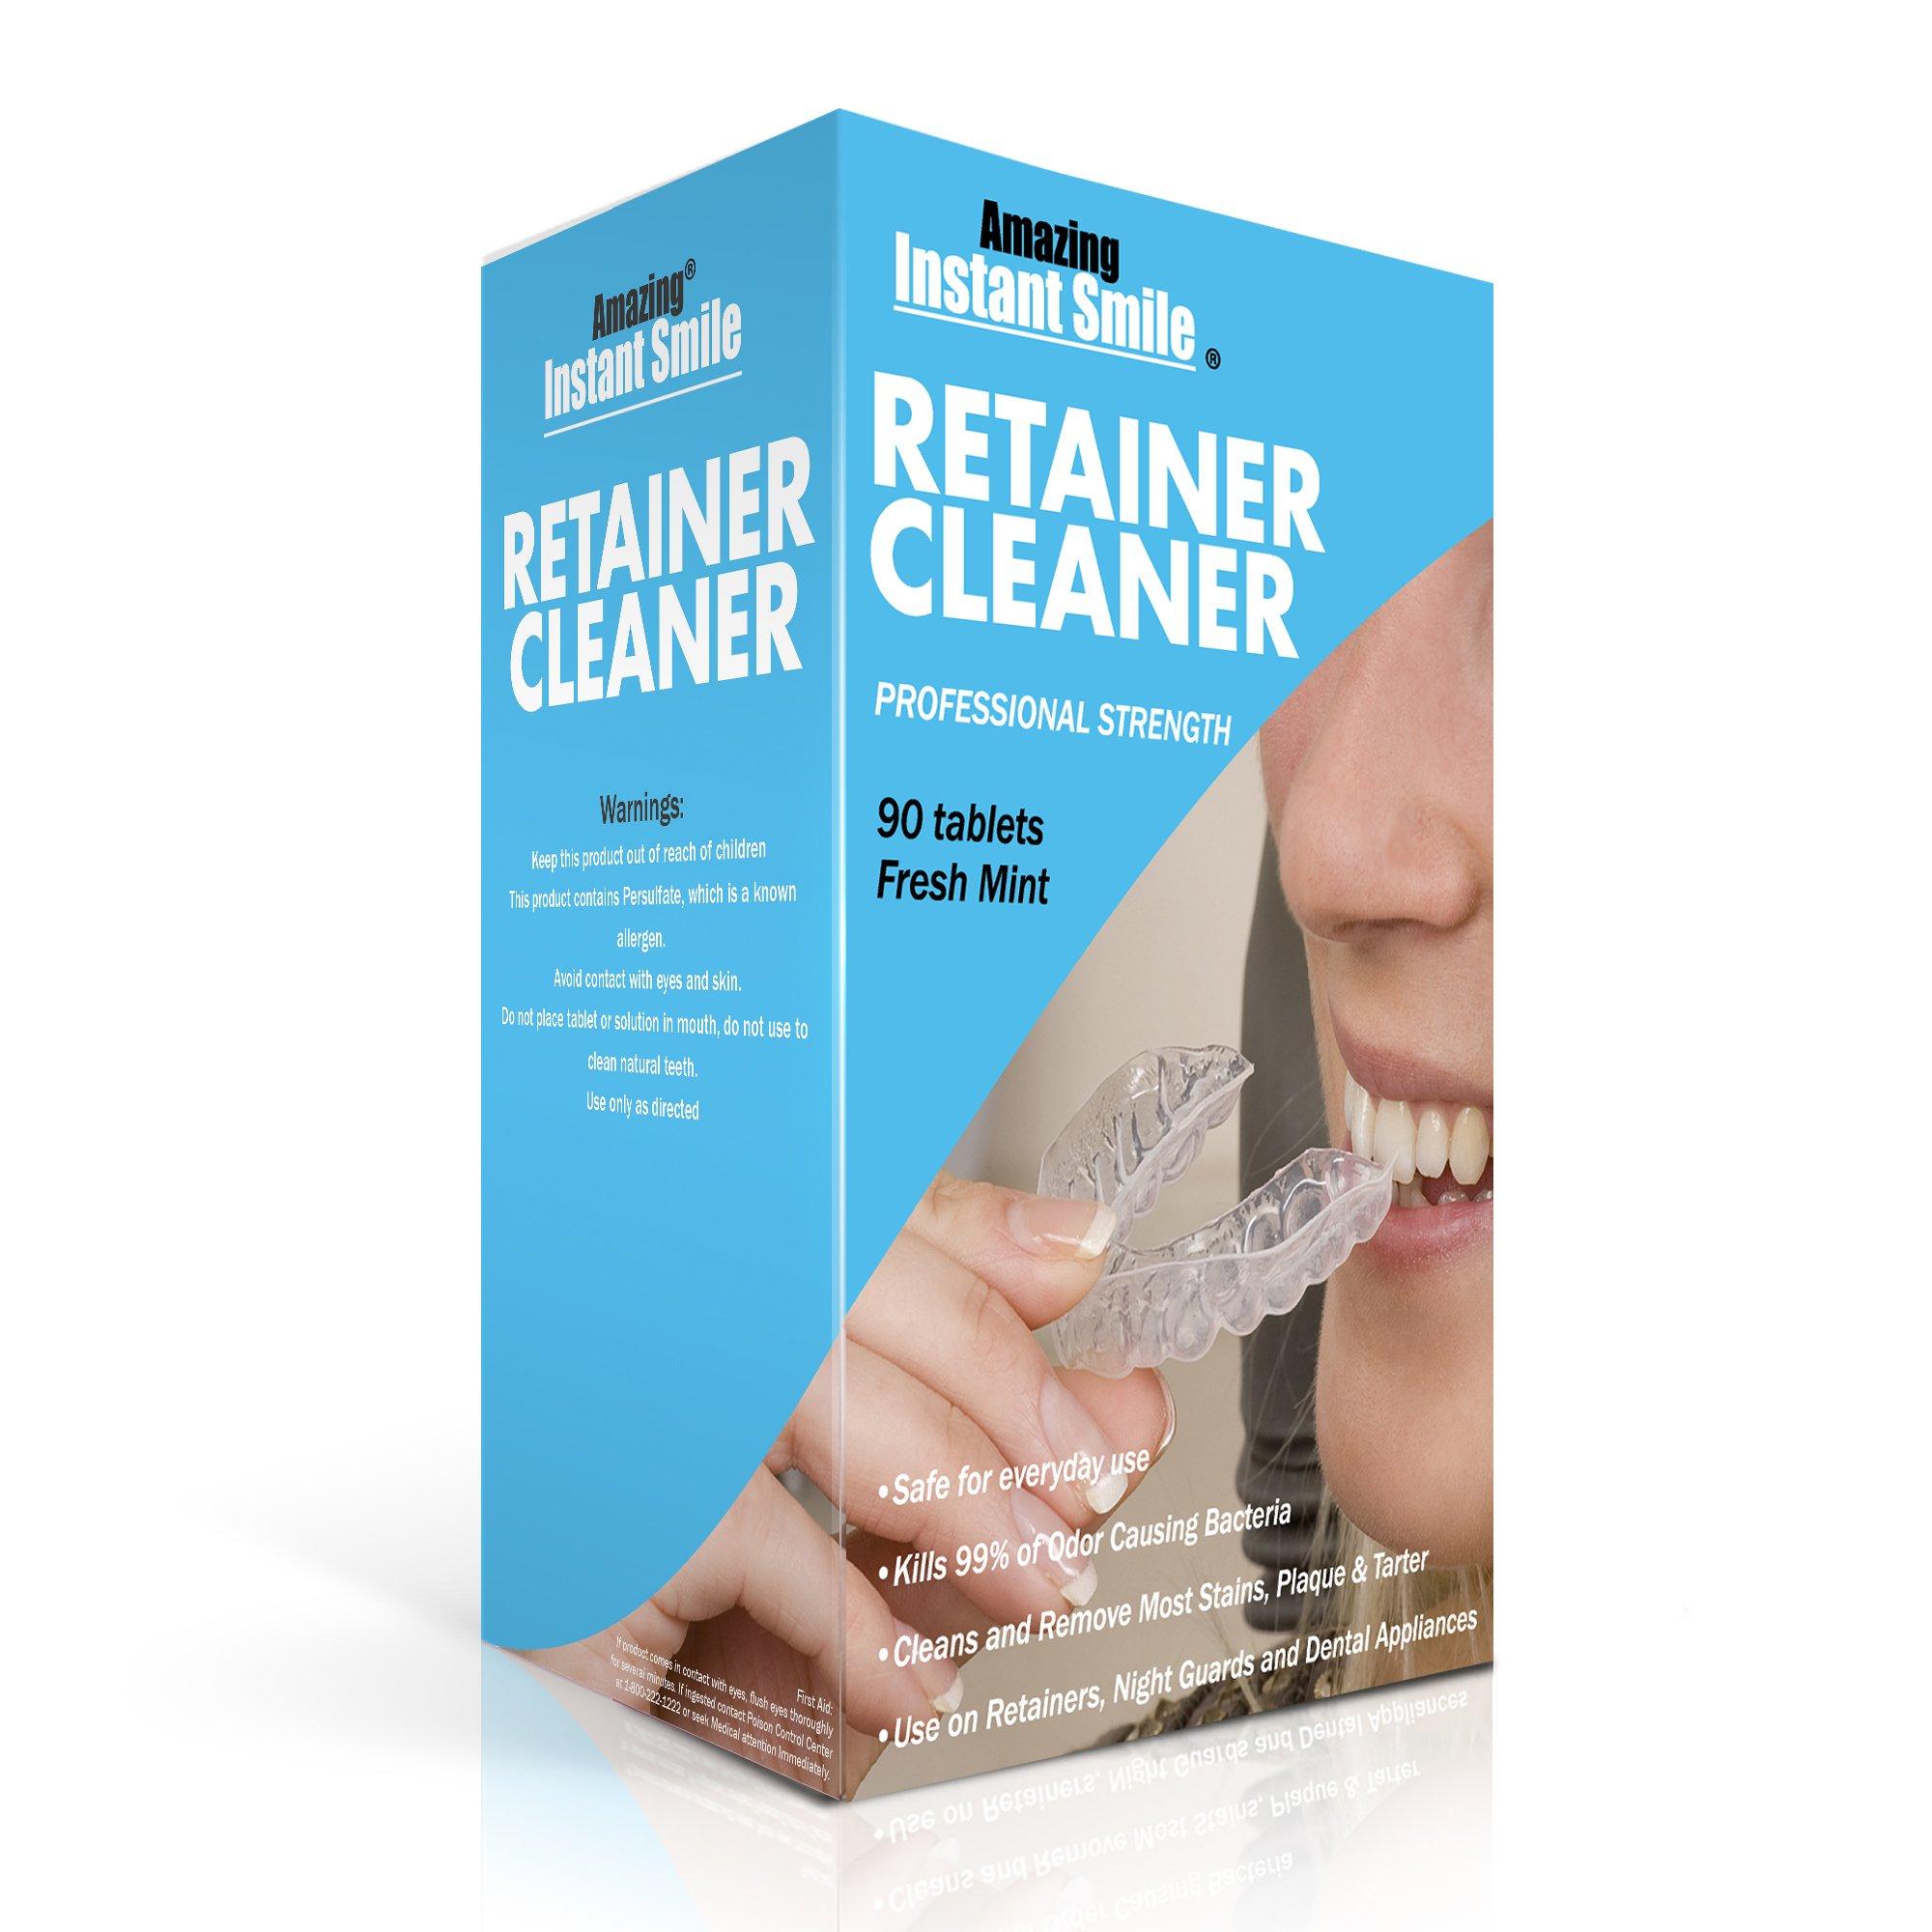 Amazing Instant Smile Professional Retainer Cleaner